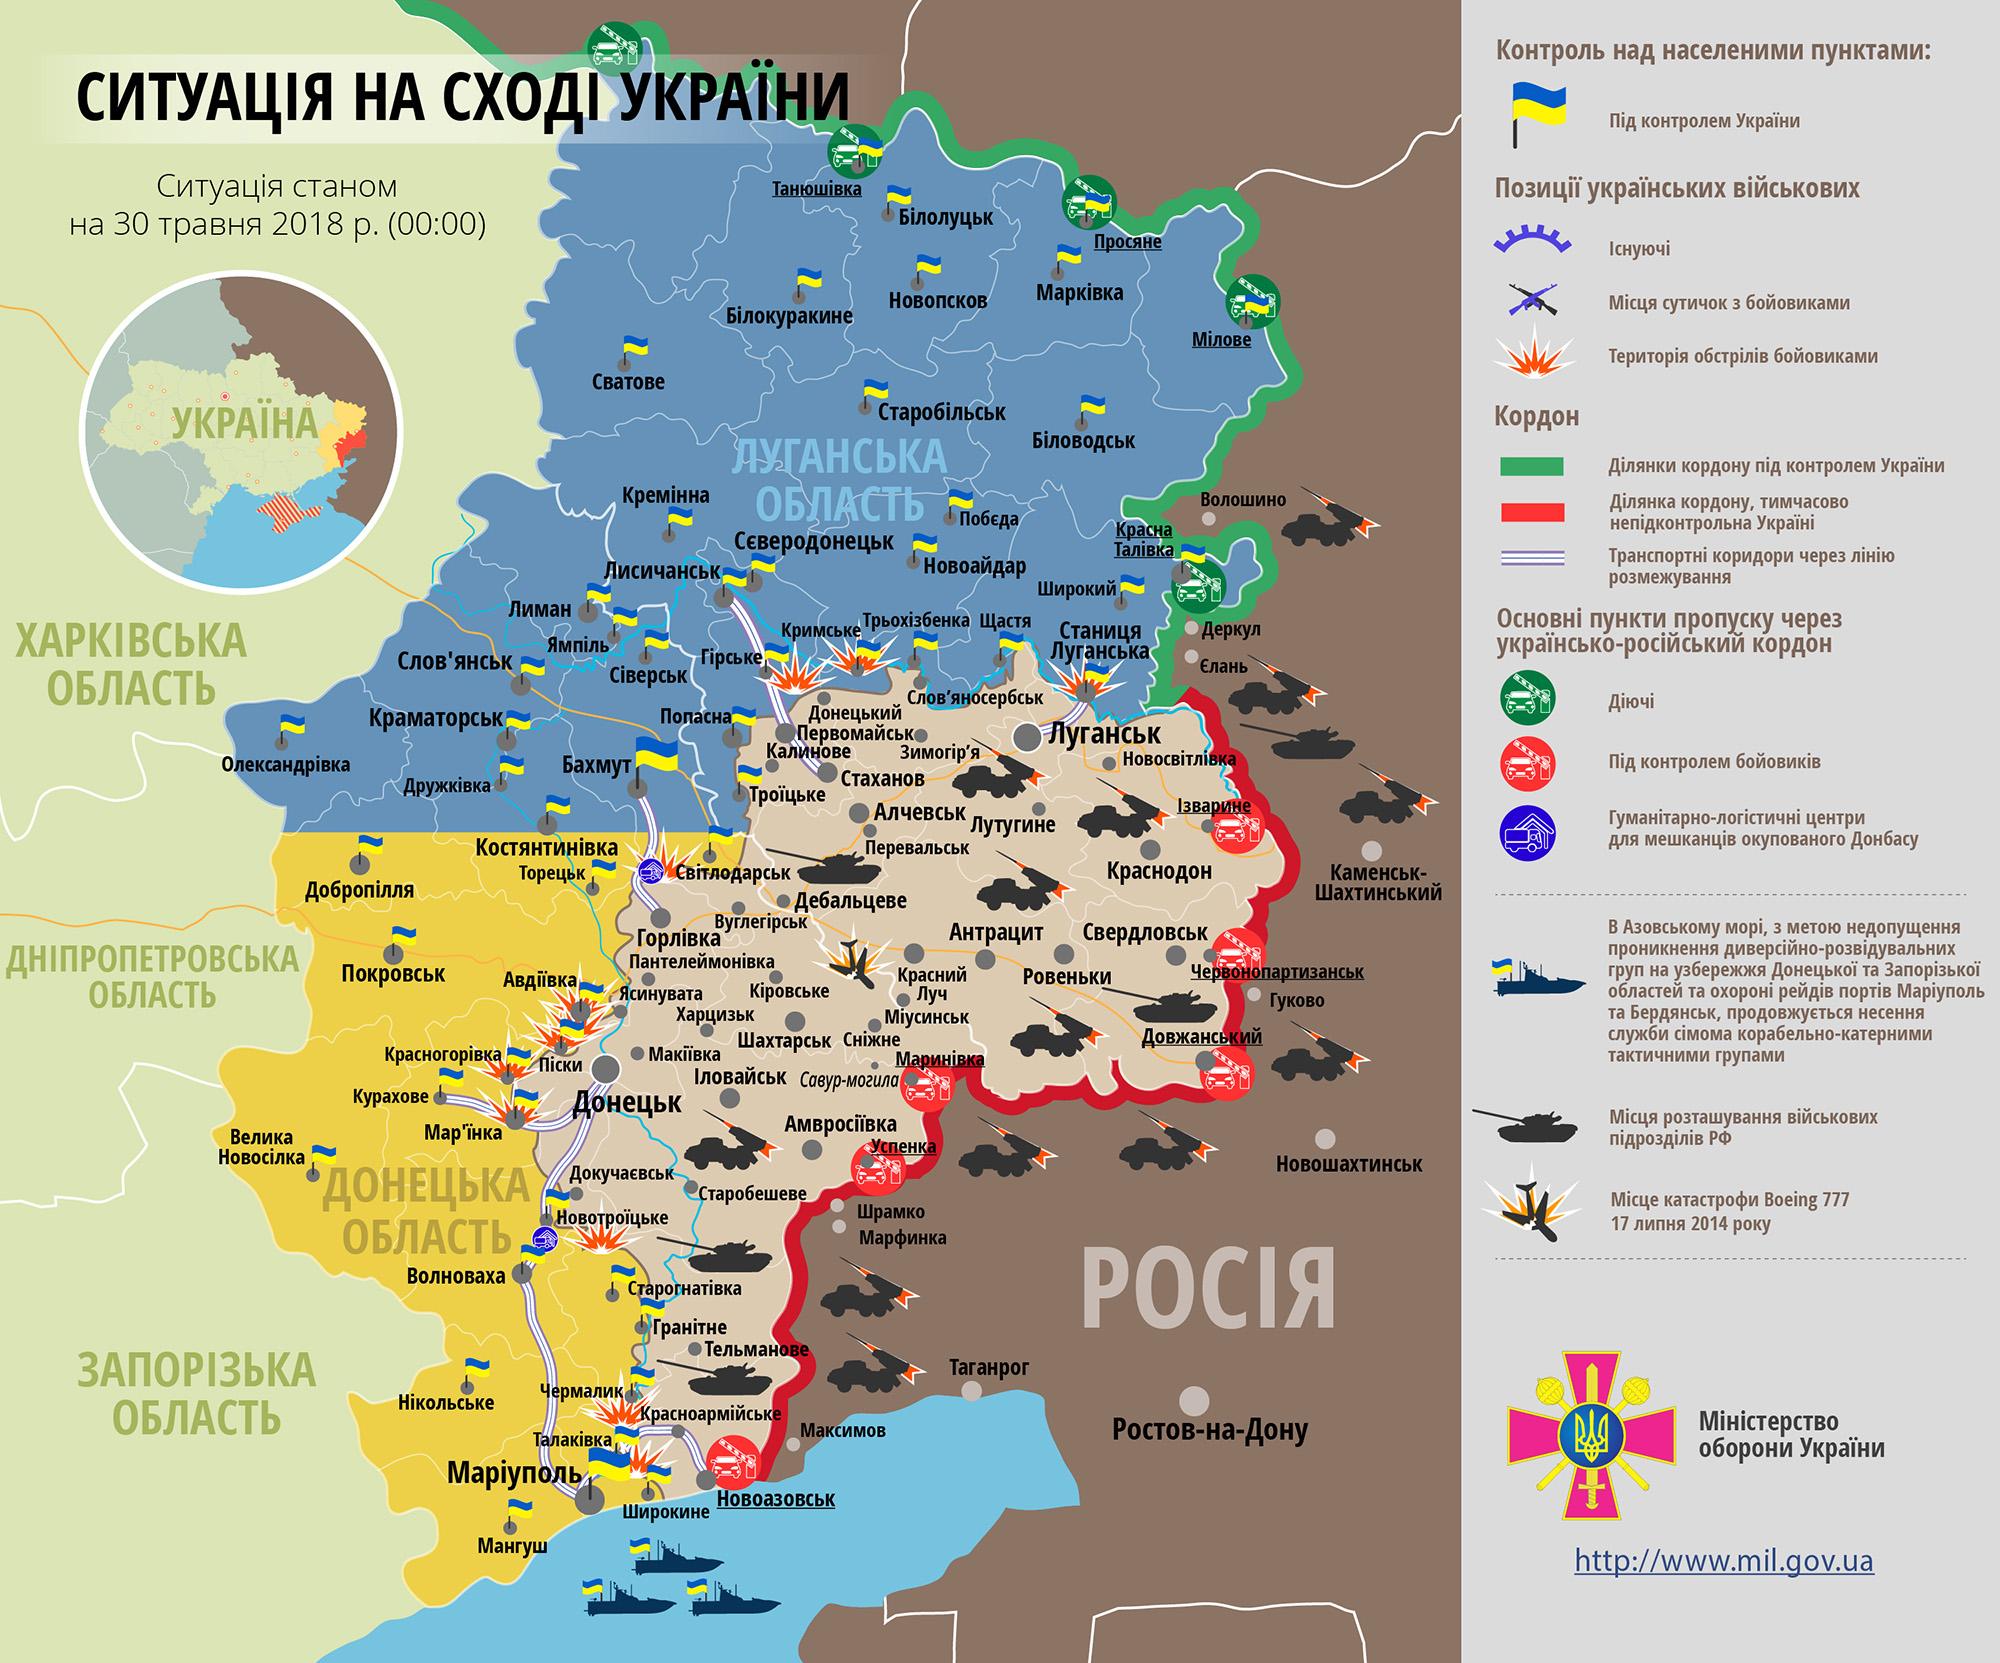 Карта ООС: расположение сил на Донбассе от 30.05.2018